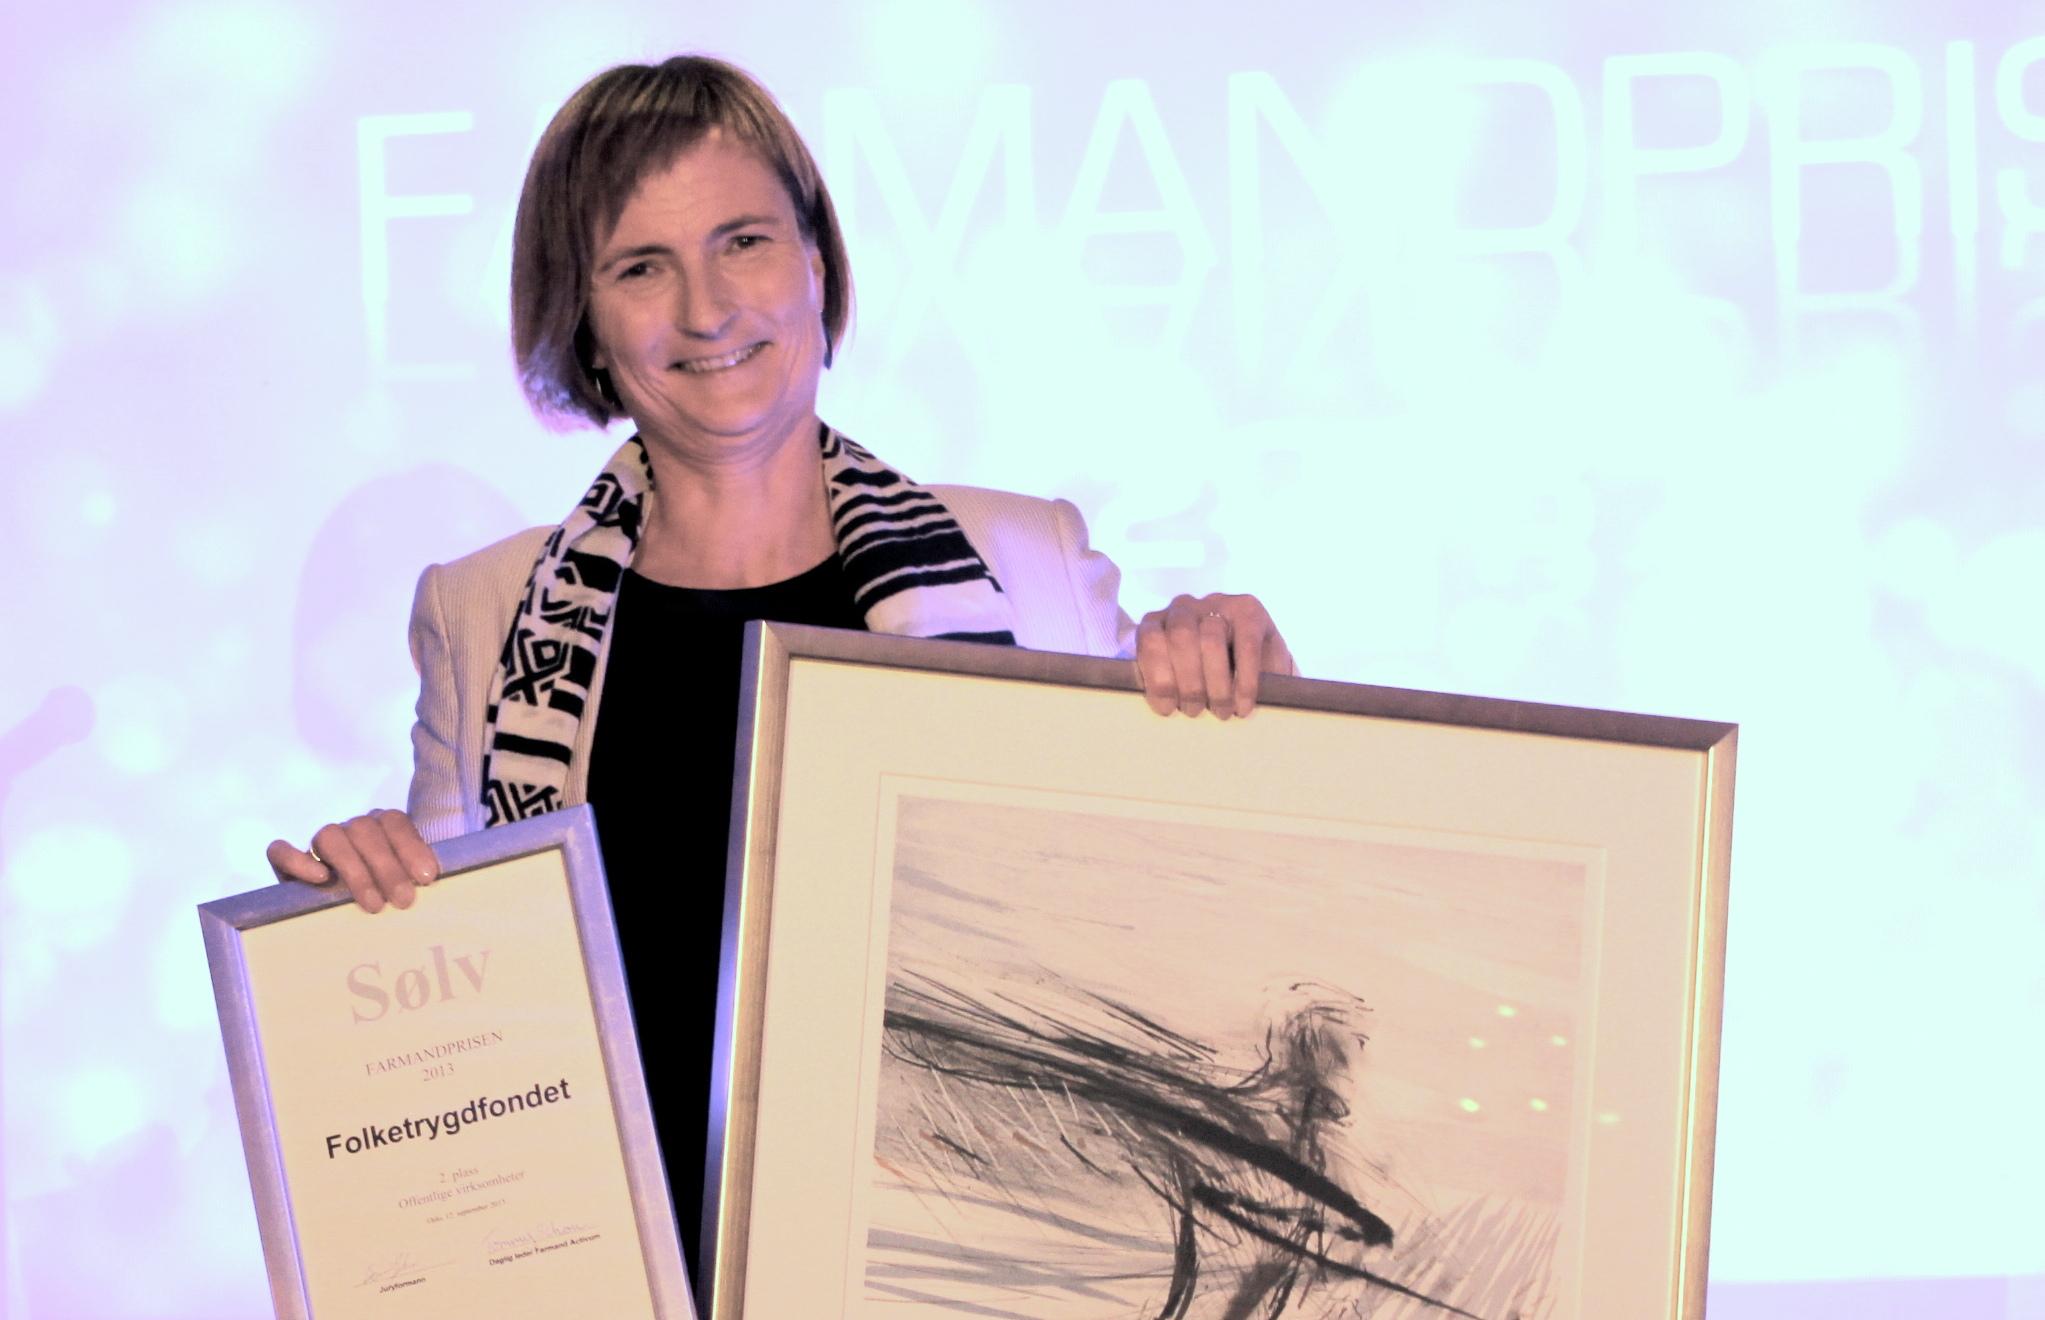 Farmandprisen Beste Årsrapport 2013 - Offentlige virksomheter nr 2: Folketrygdfondet